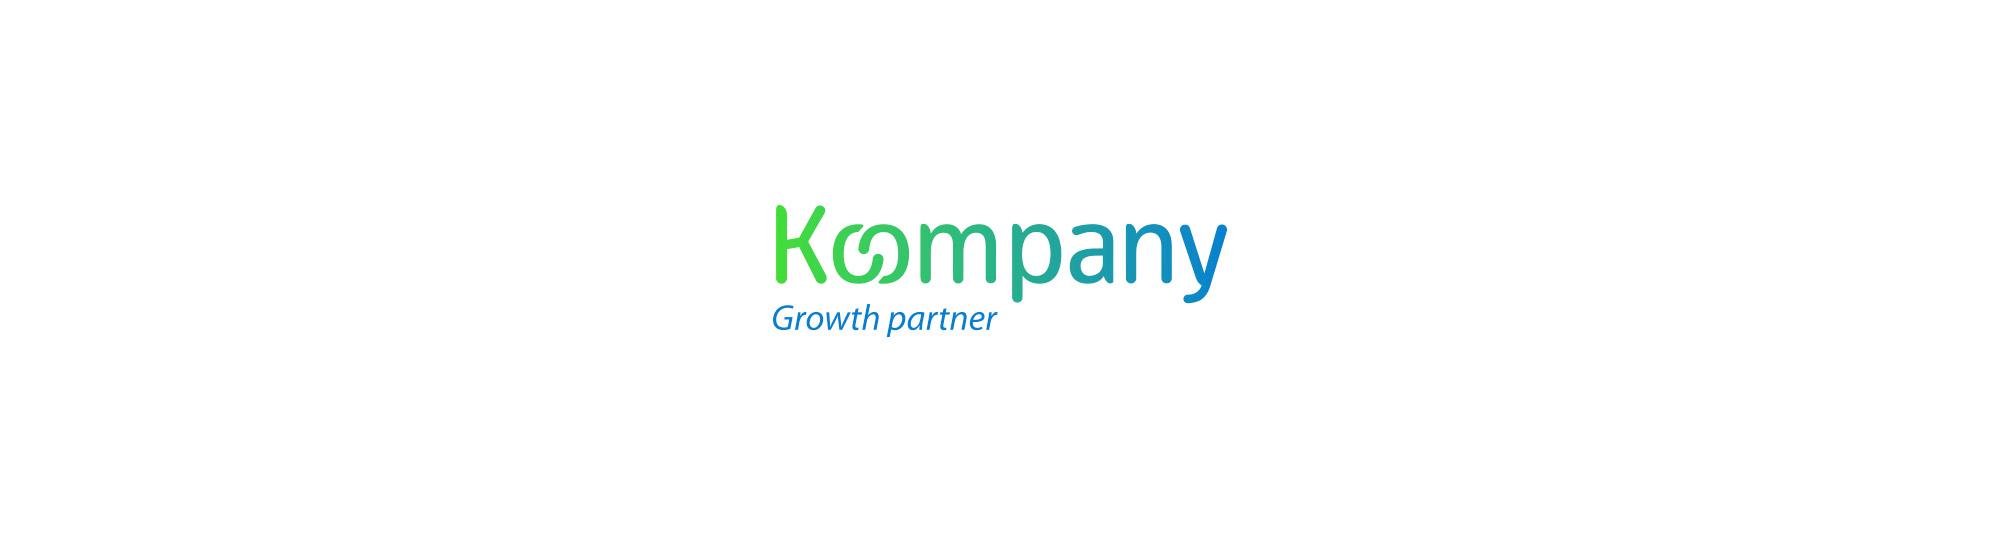 Logotipo diseñado para la marca koompany, empresa gallega de marketing digital